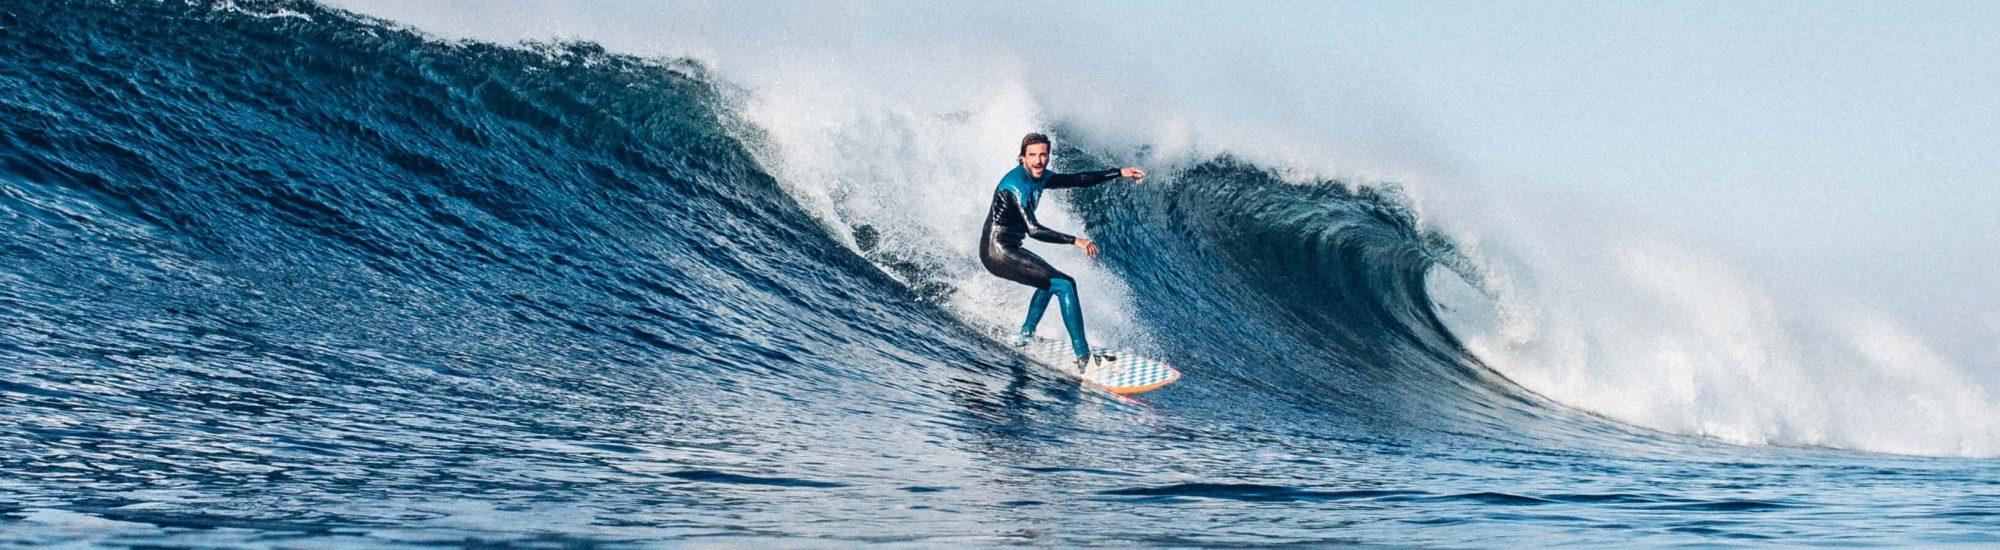 surf shop mawgan porth